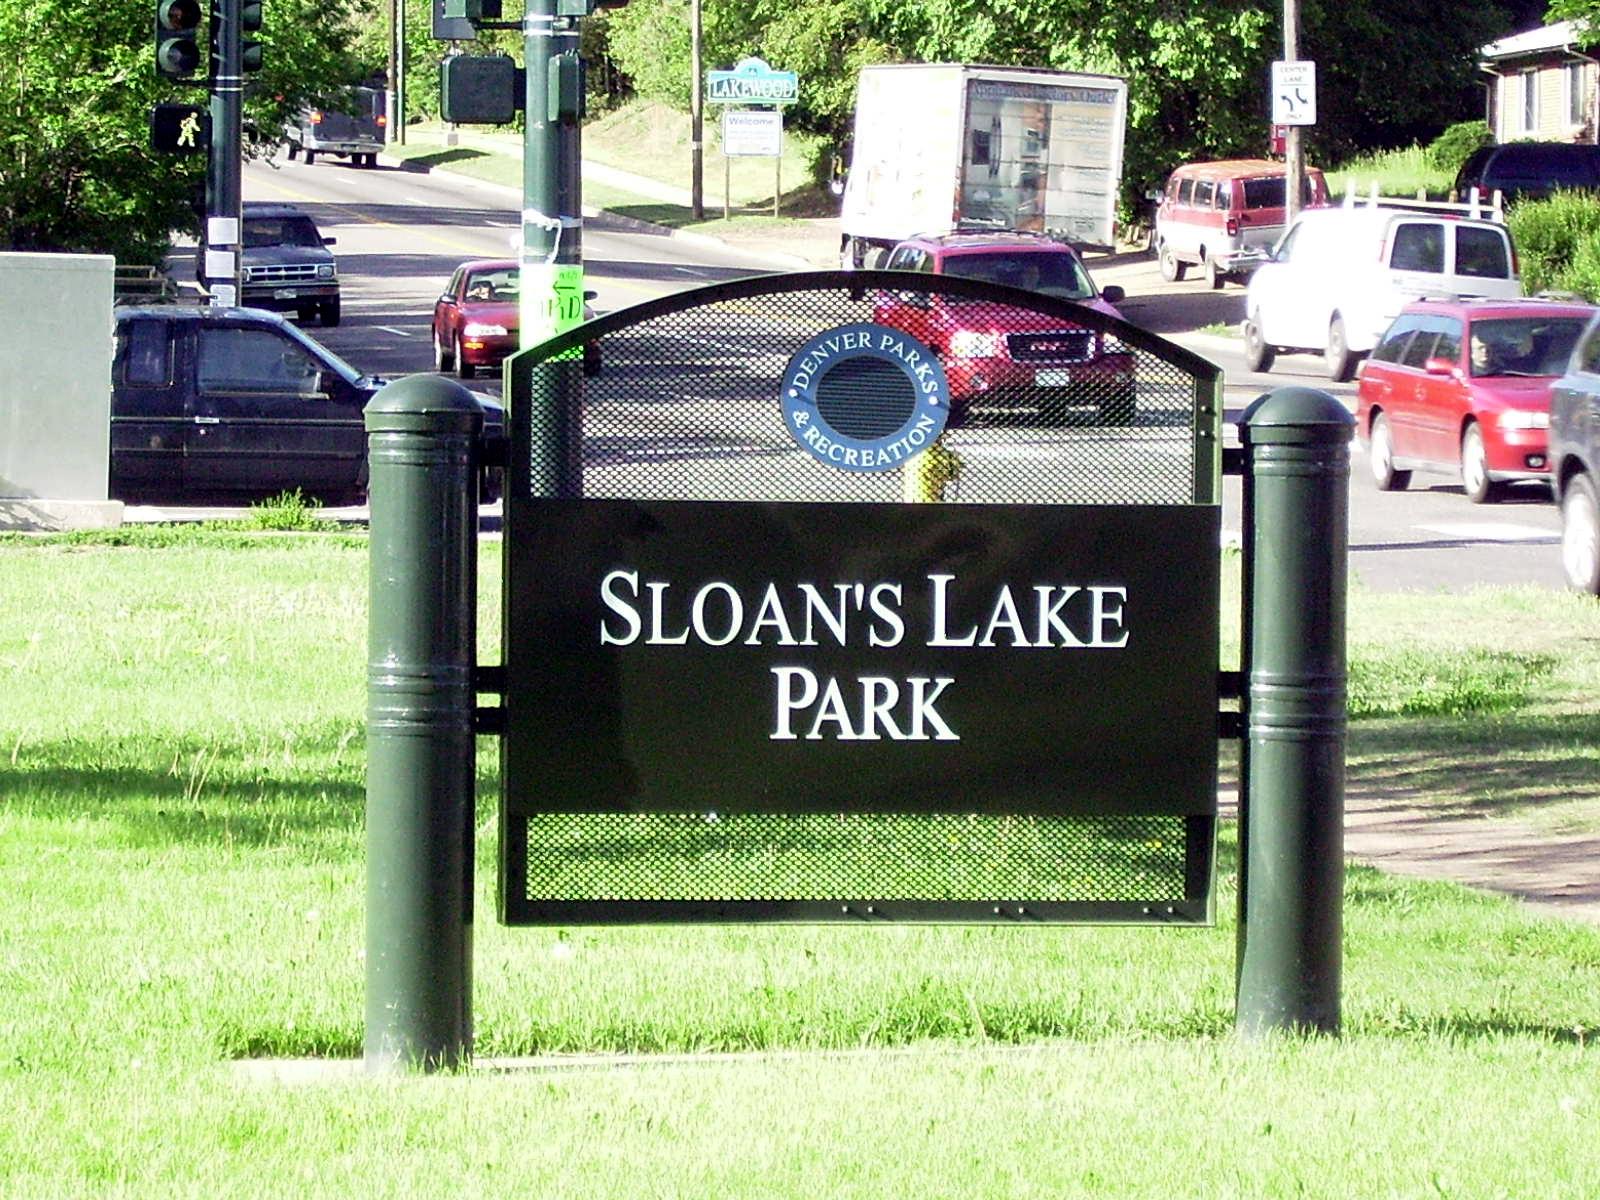 Cuerpo Sin Vida Es Encontrado En Sloan's Lake Park